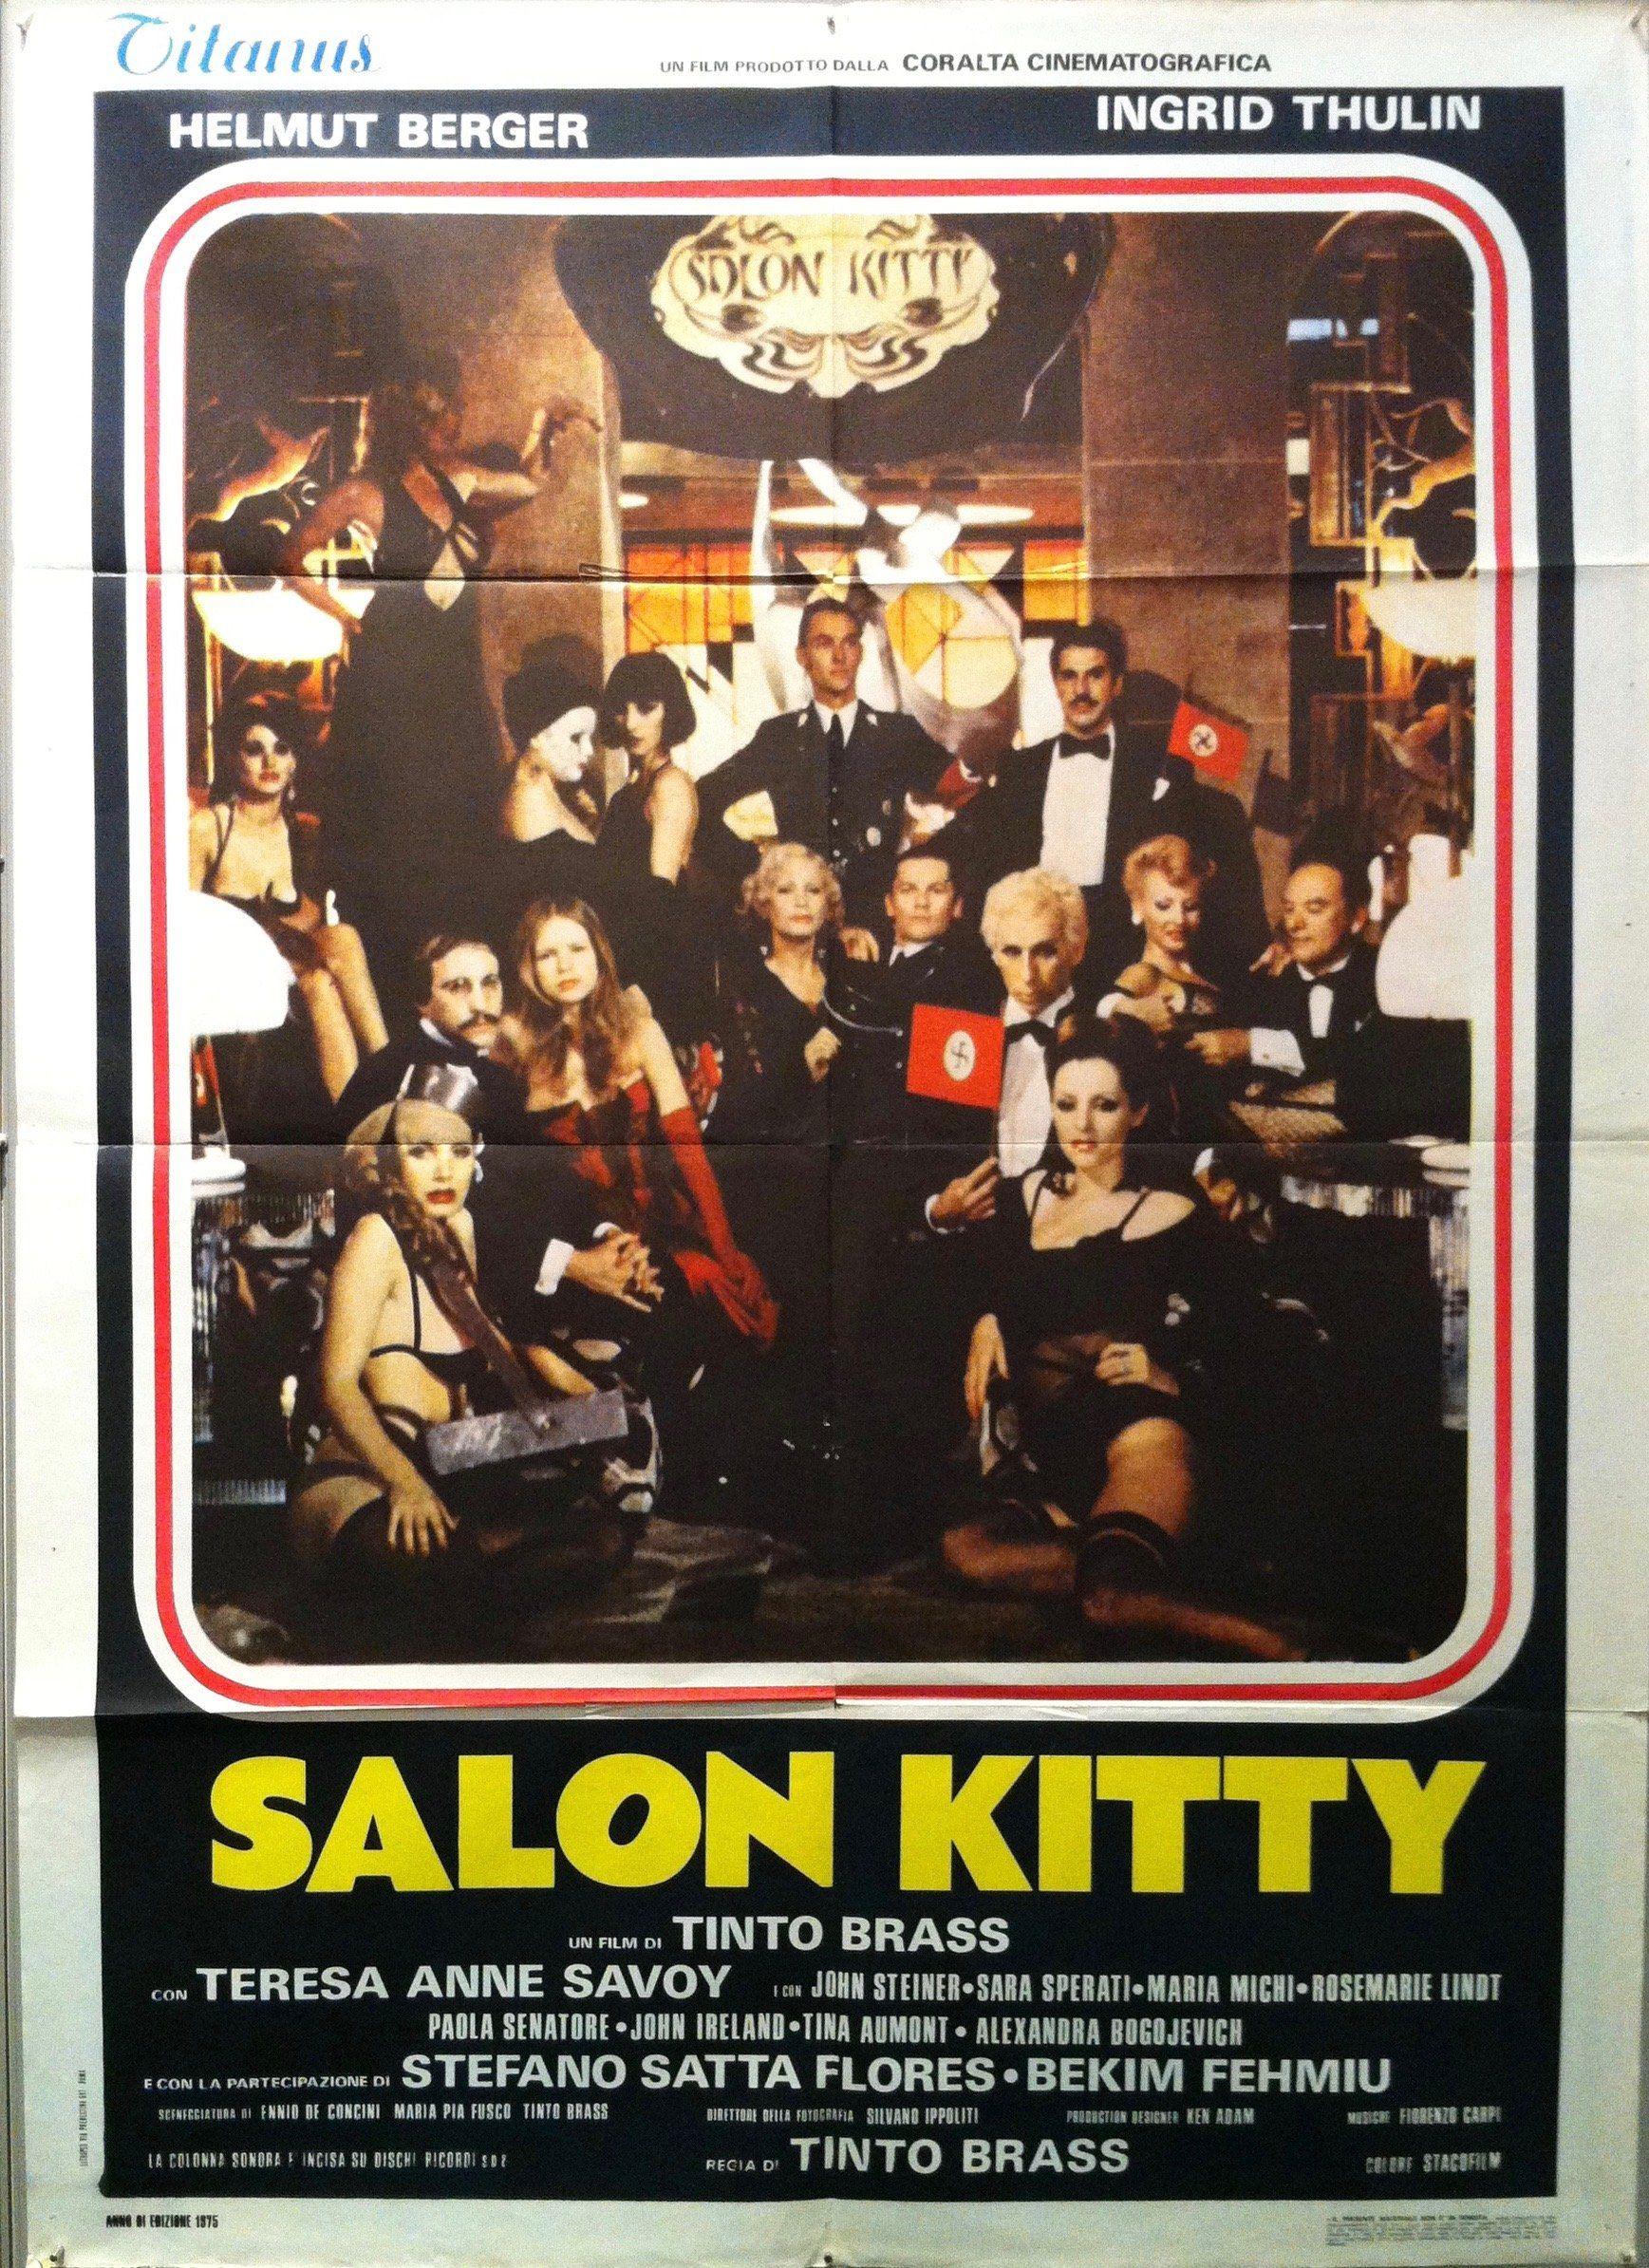 Salon Kitty Salons Anne Bancroft A Martinez